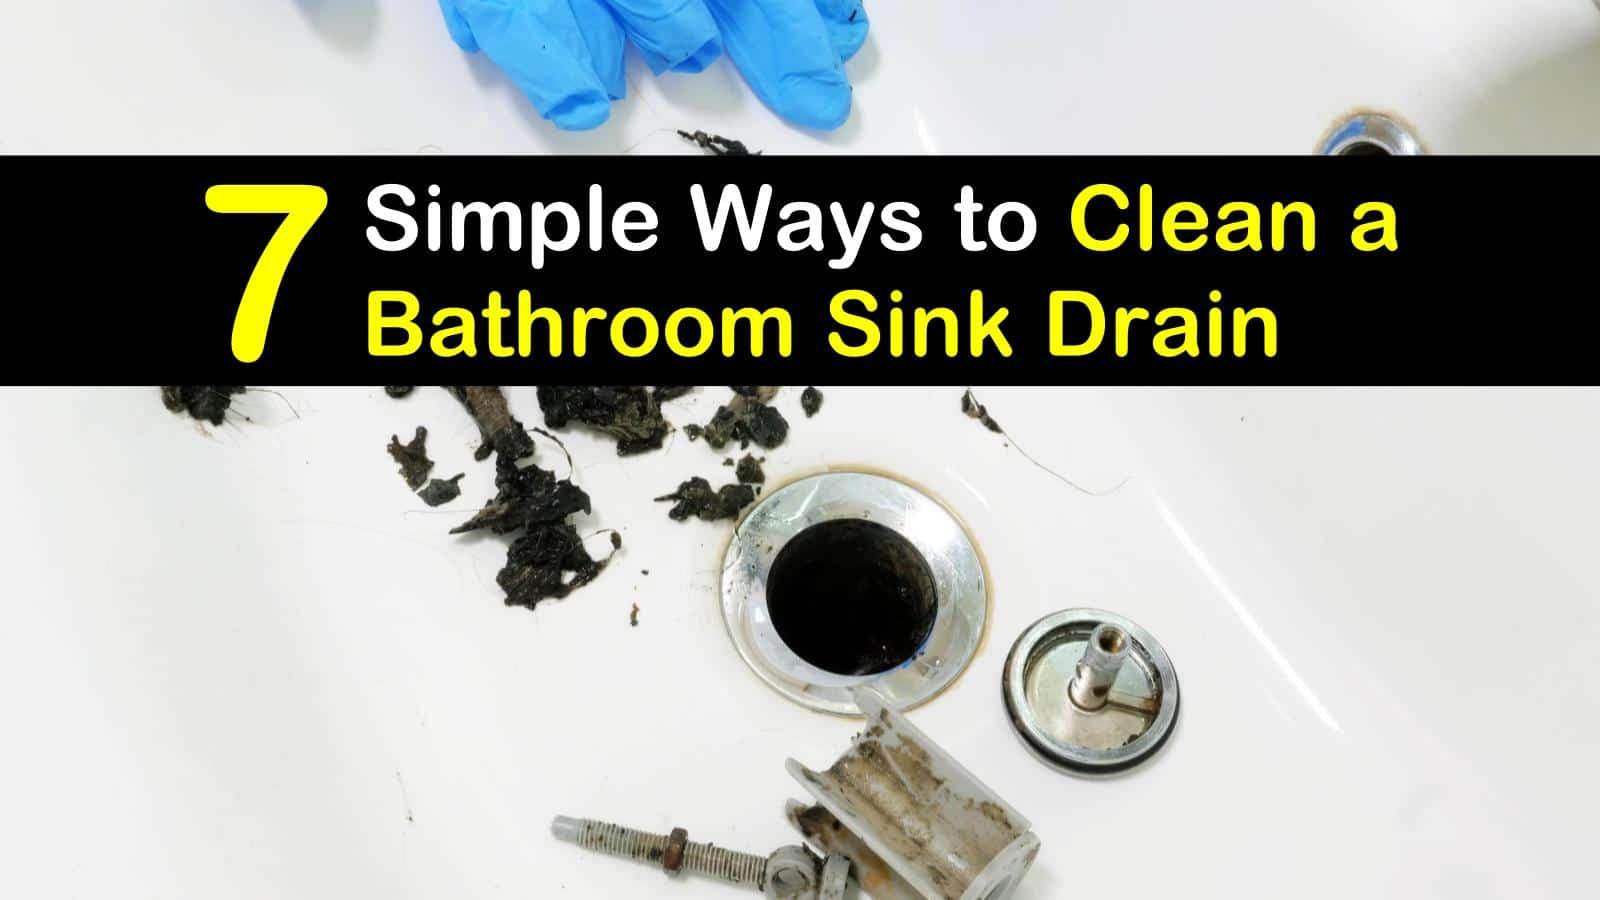 how to clean a bathroom sink drain titleimg1